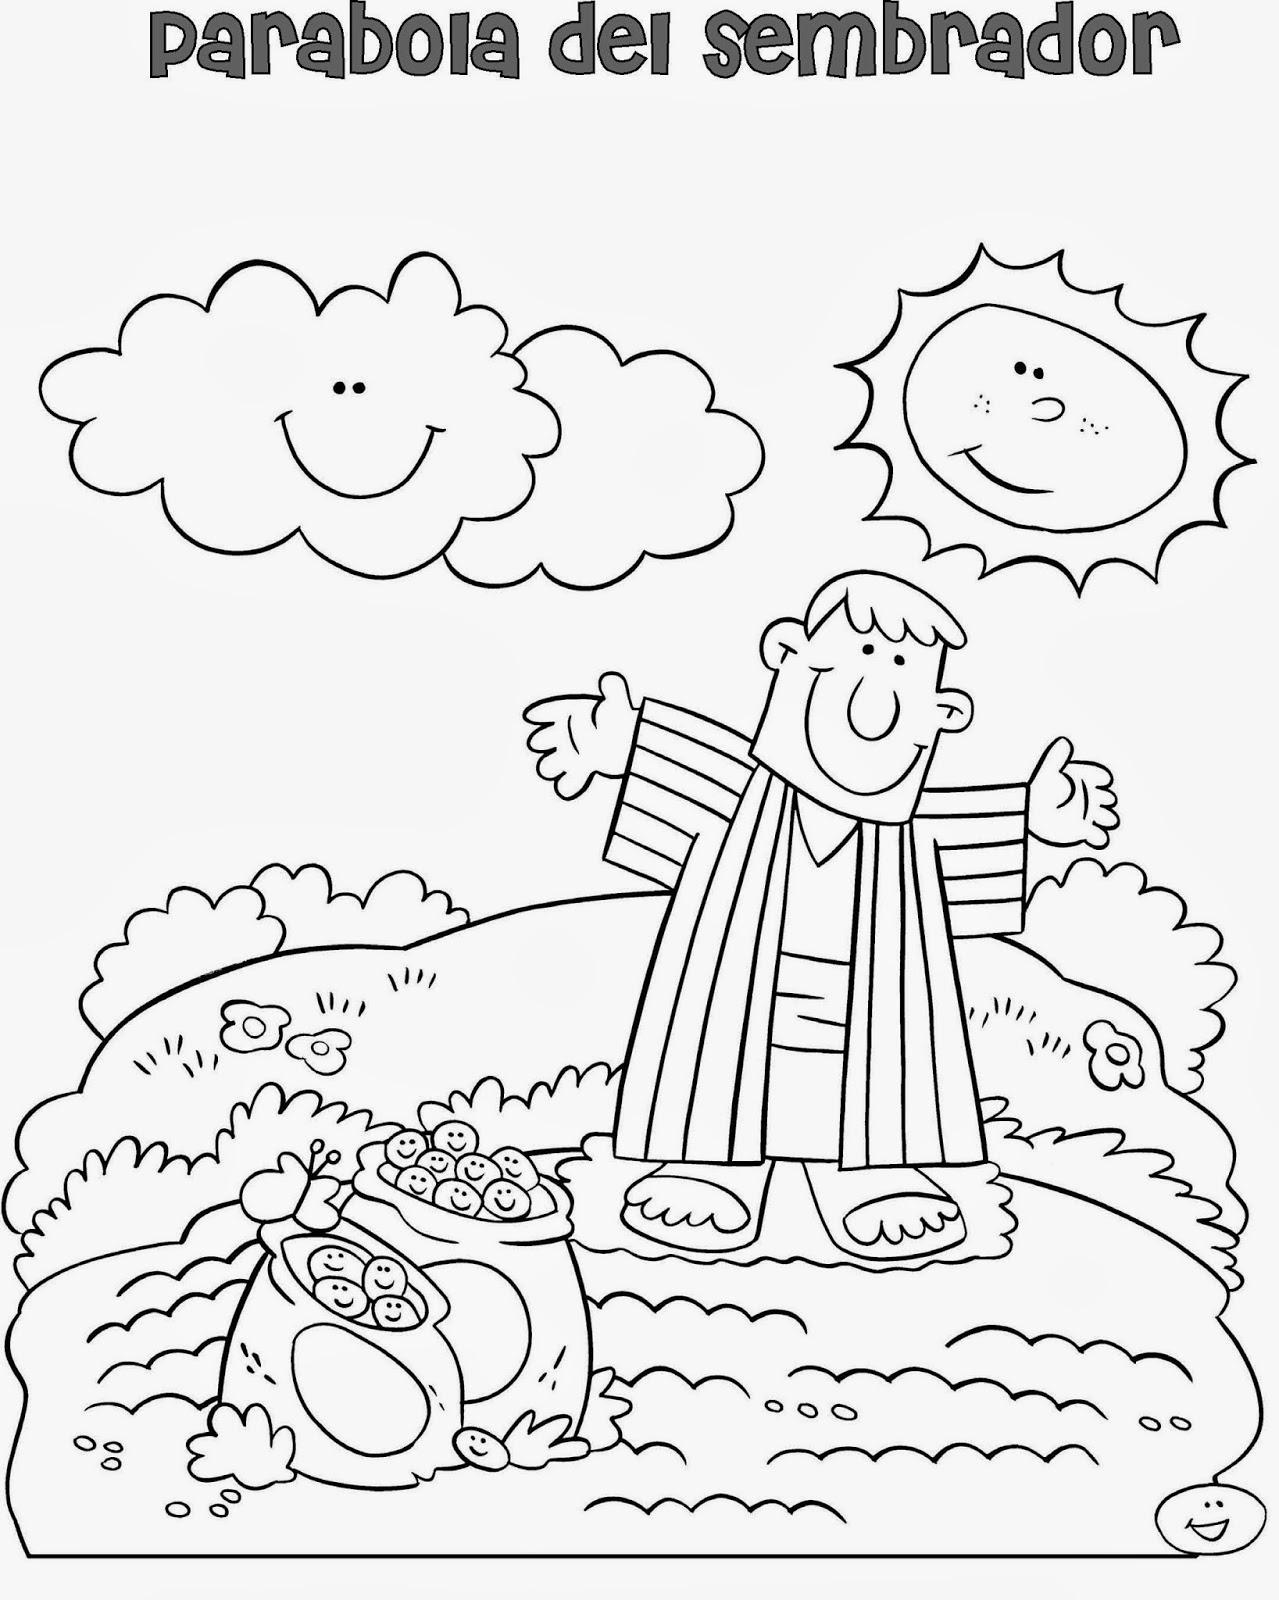 Dejad a los niños venir a Mi: Parábola del sembrador